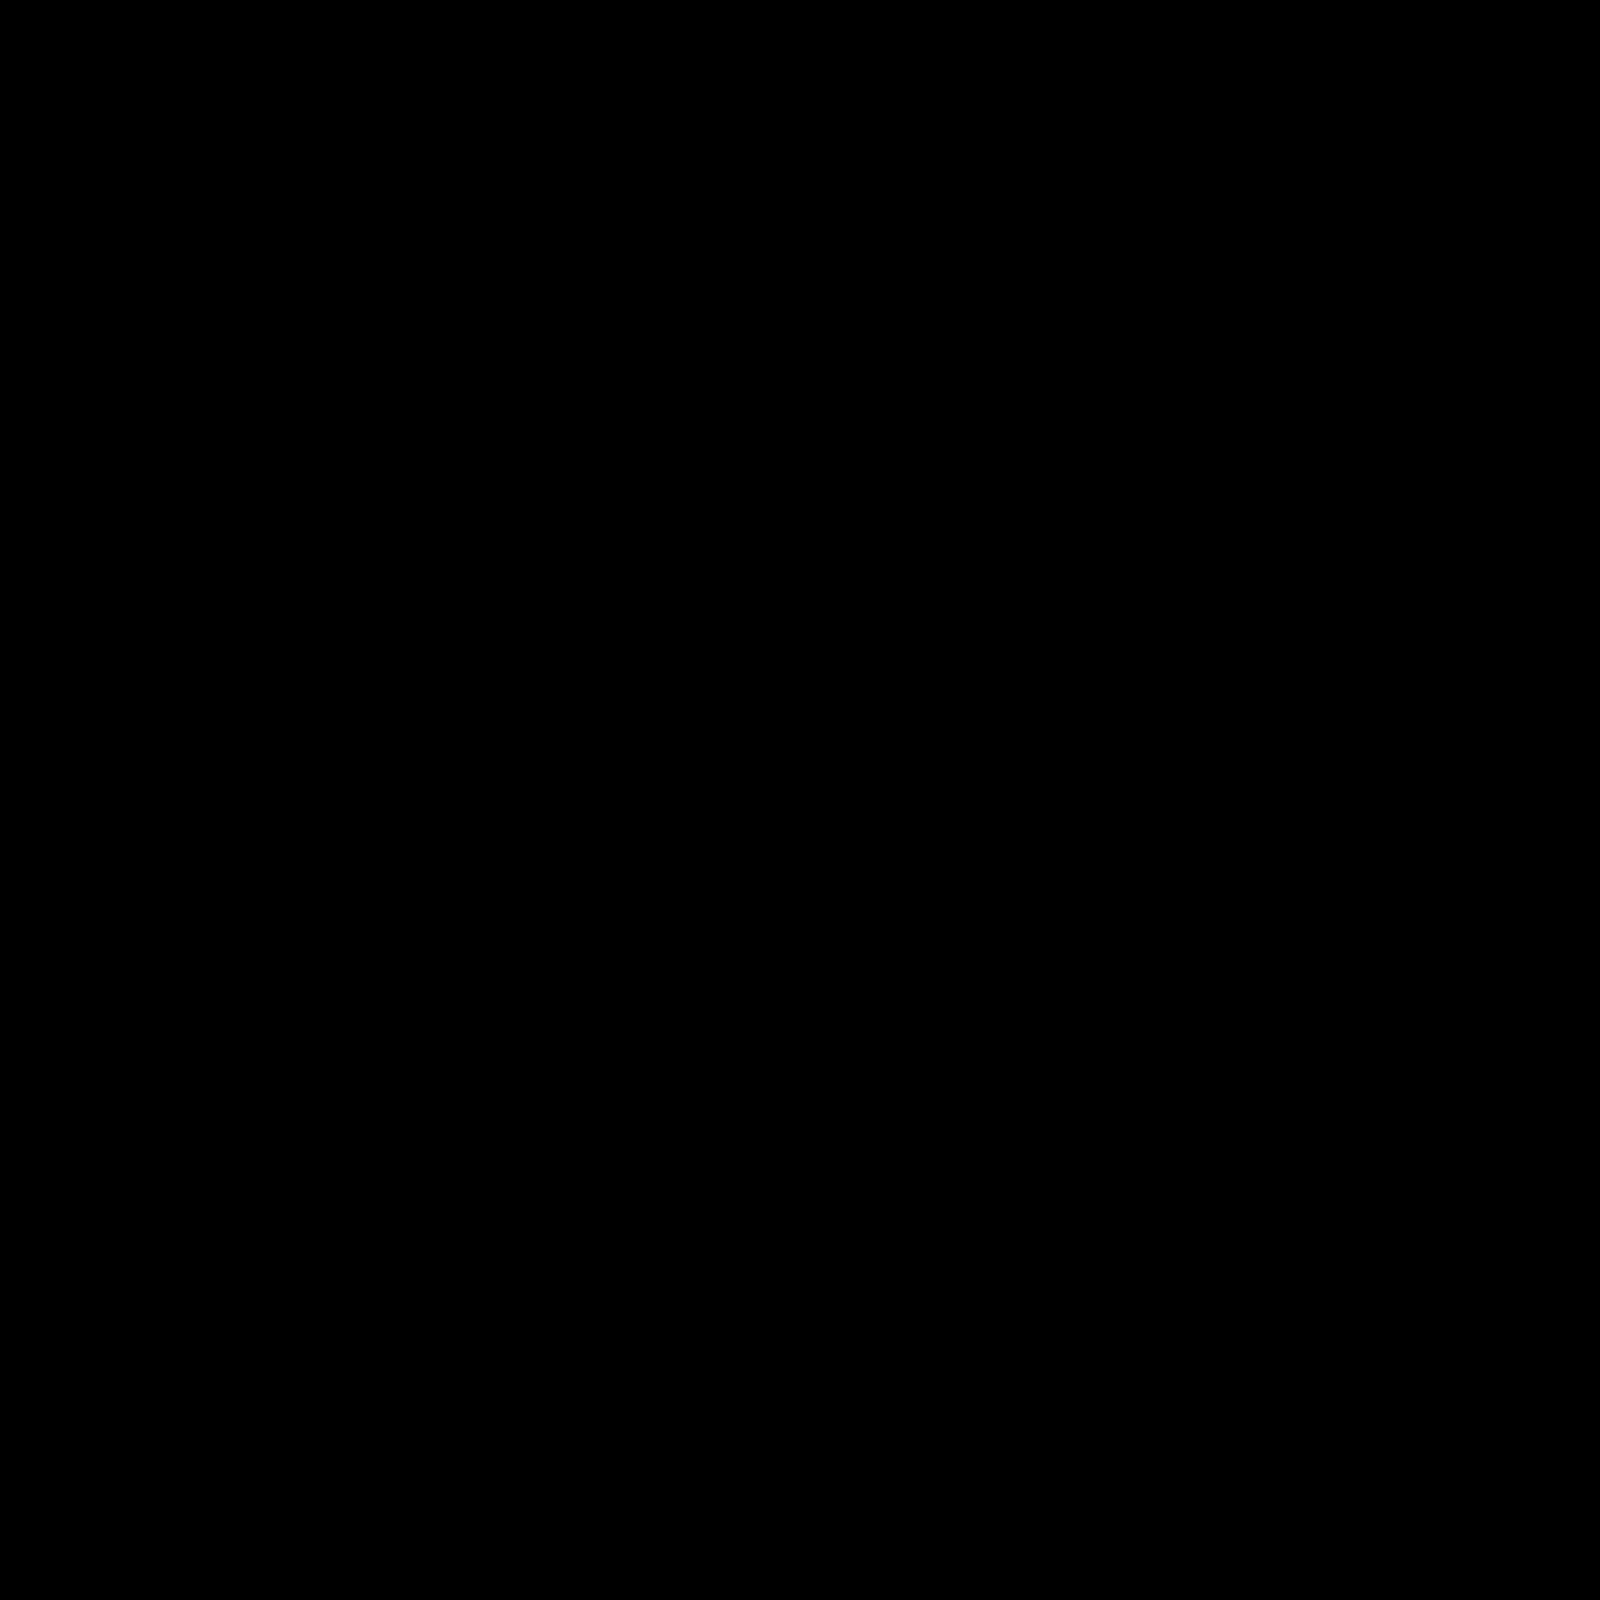 履歴書を開く icon